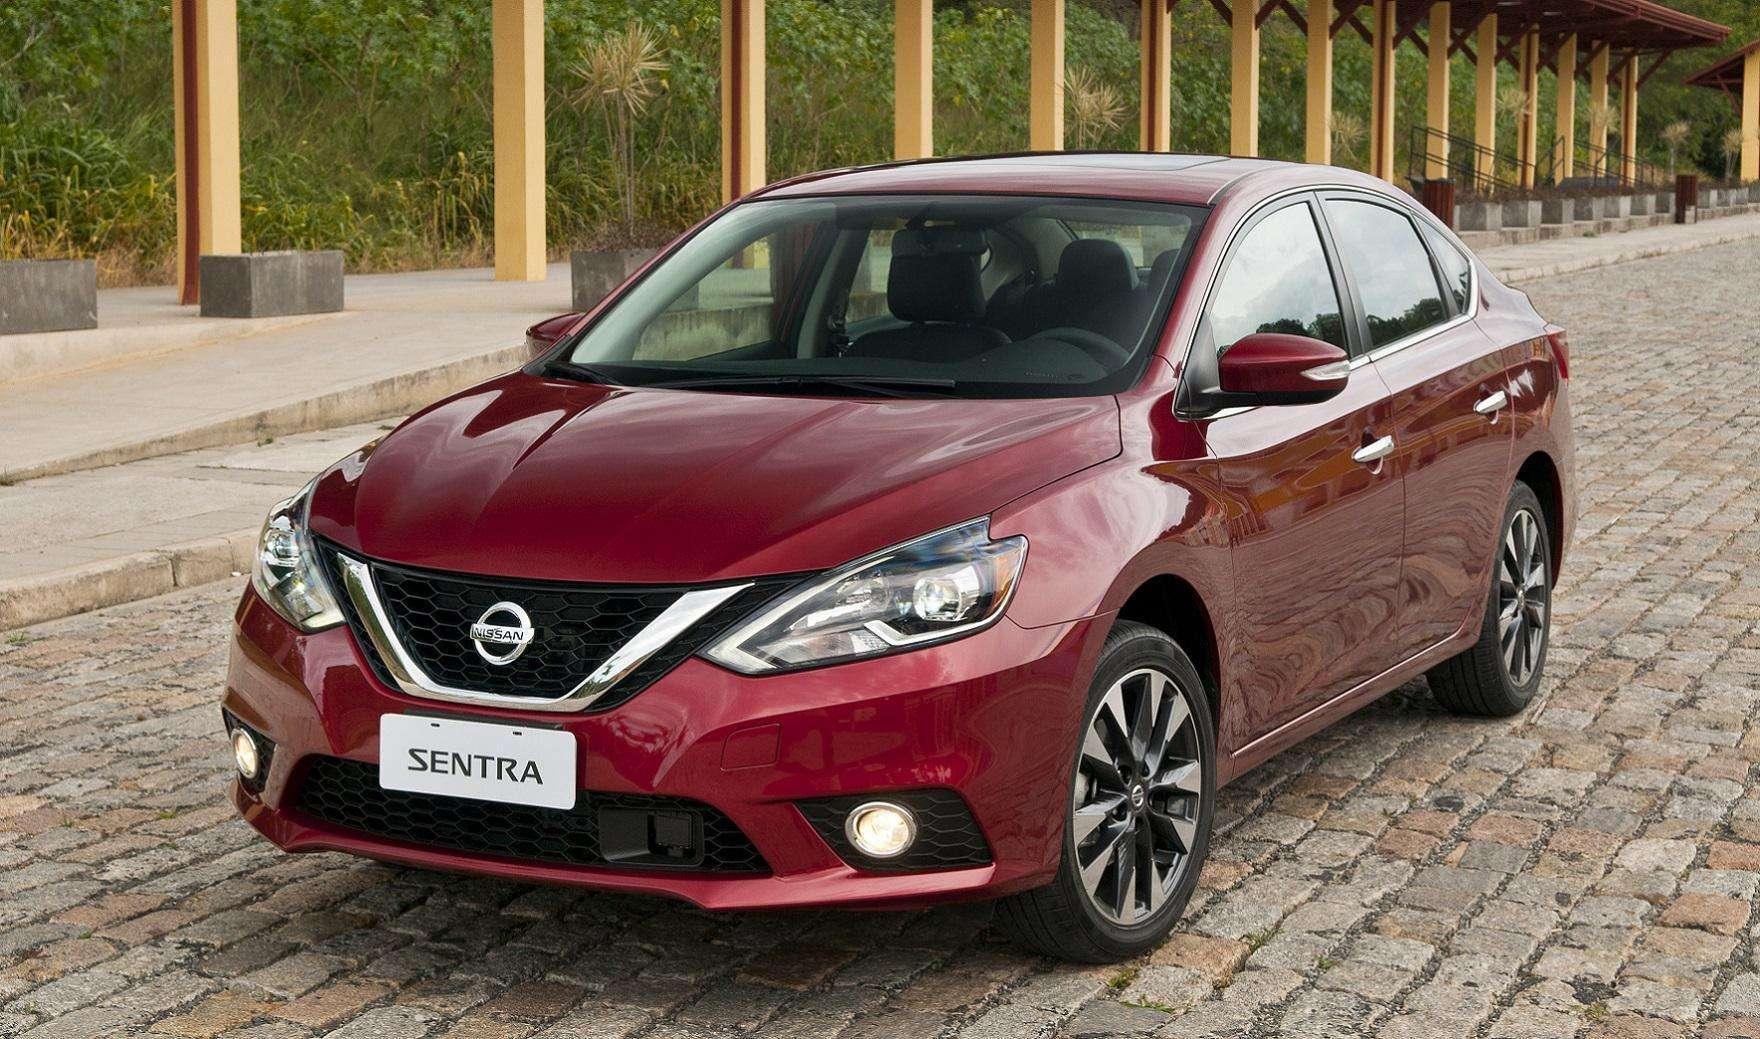 Nissan Sentra 2017 chega à Japan Veículos mais equipado em todas as versões